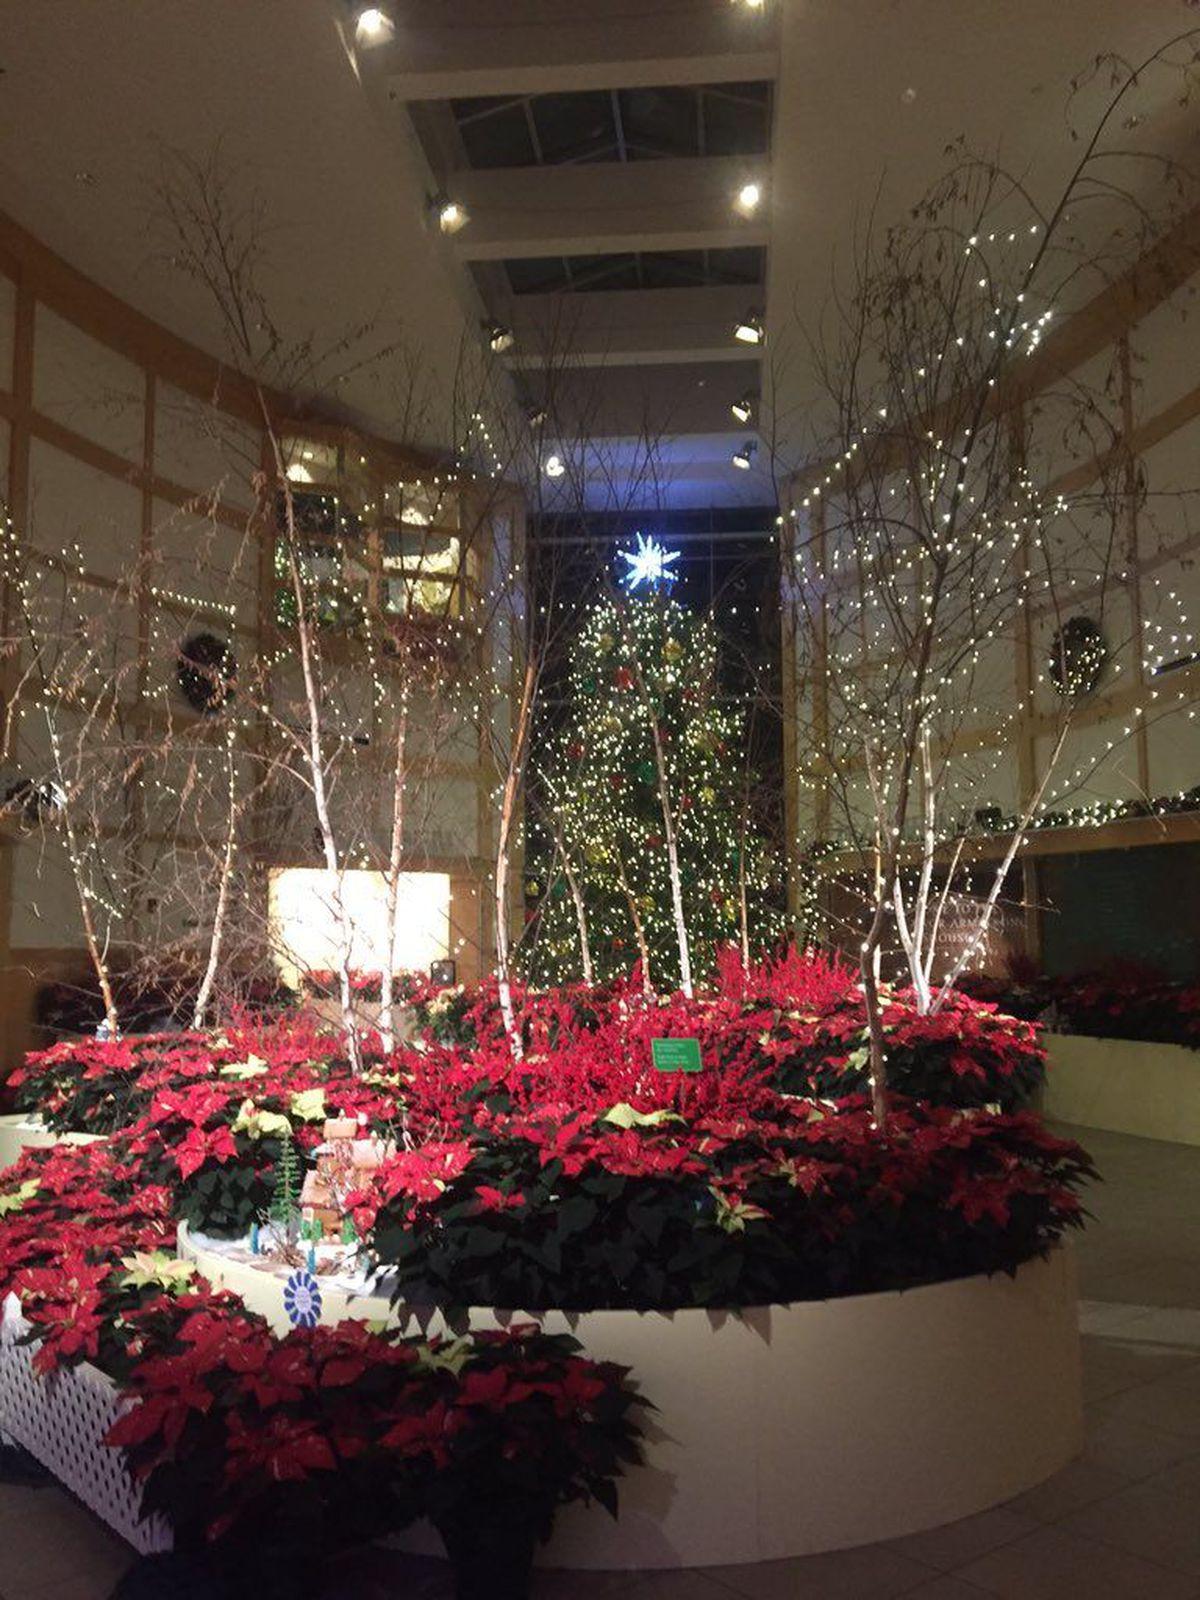 Cleveland Botanical Garden Glow Holiday Exhibit